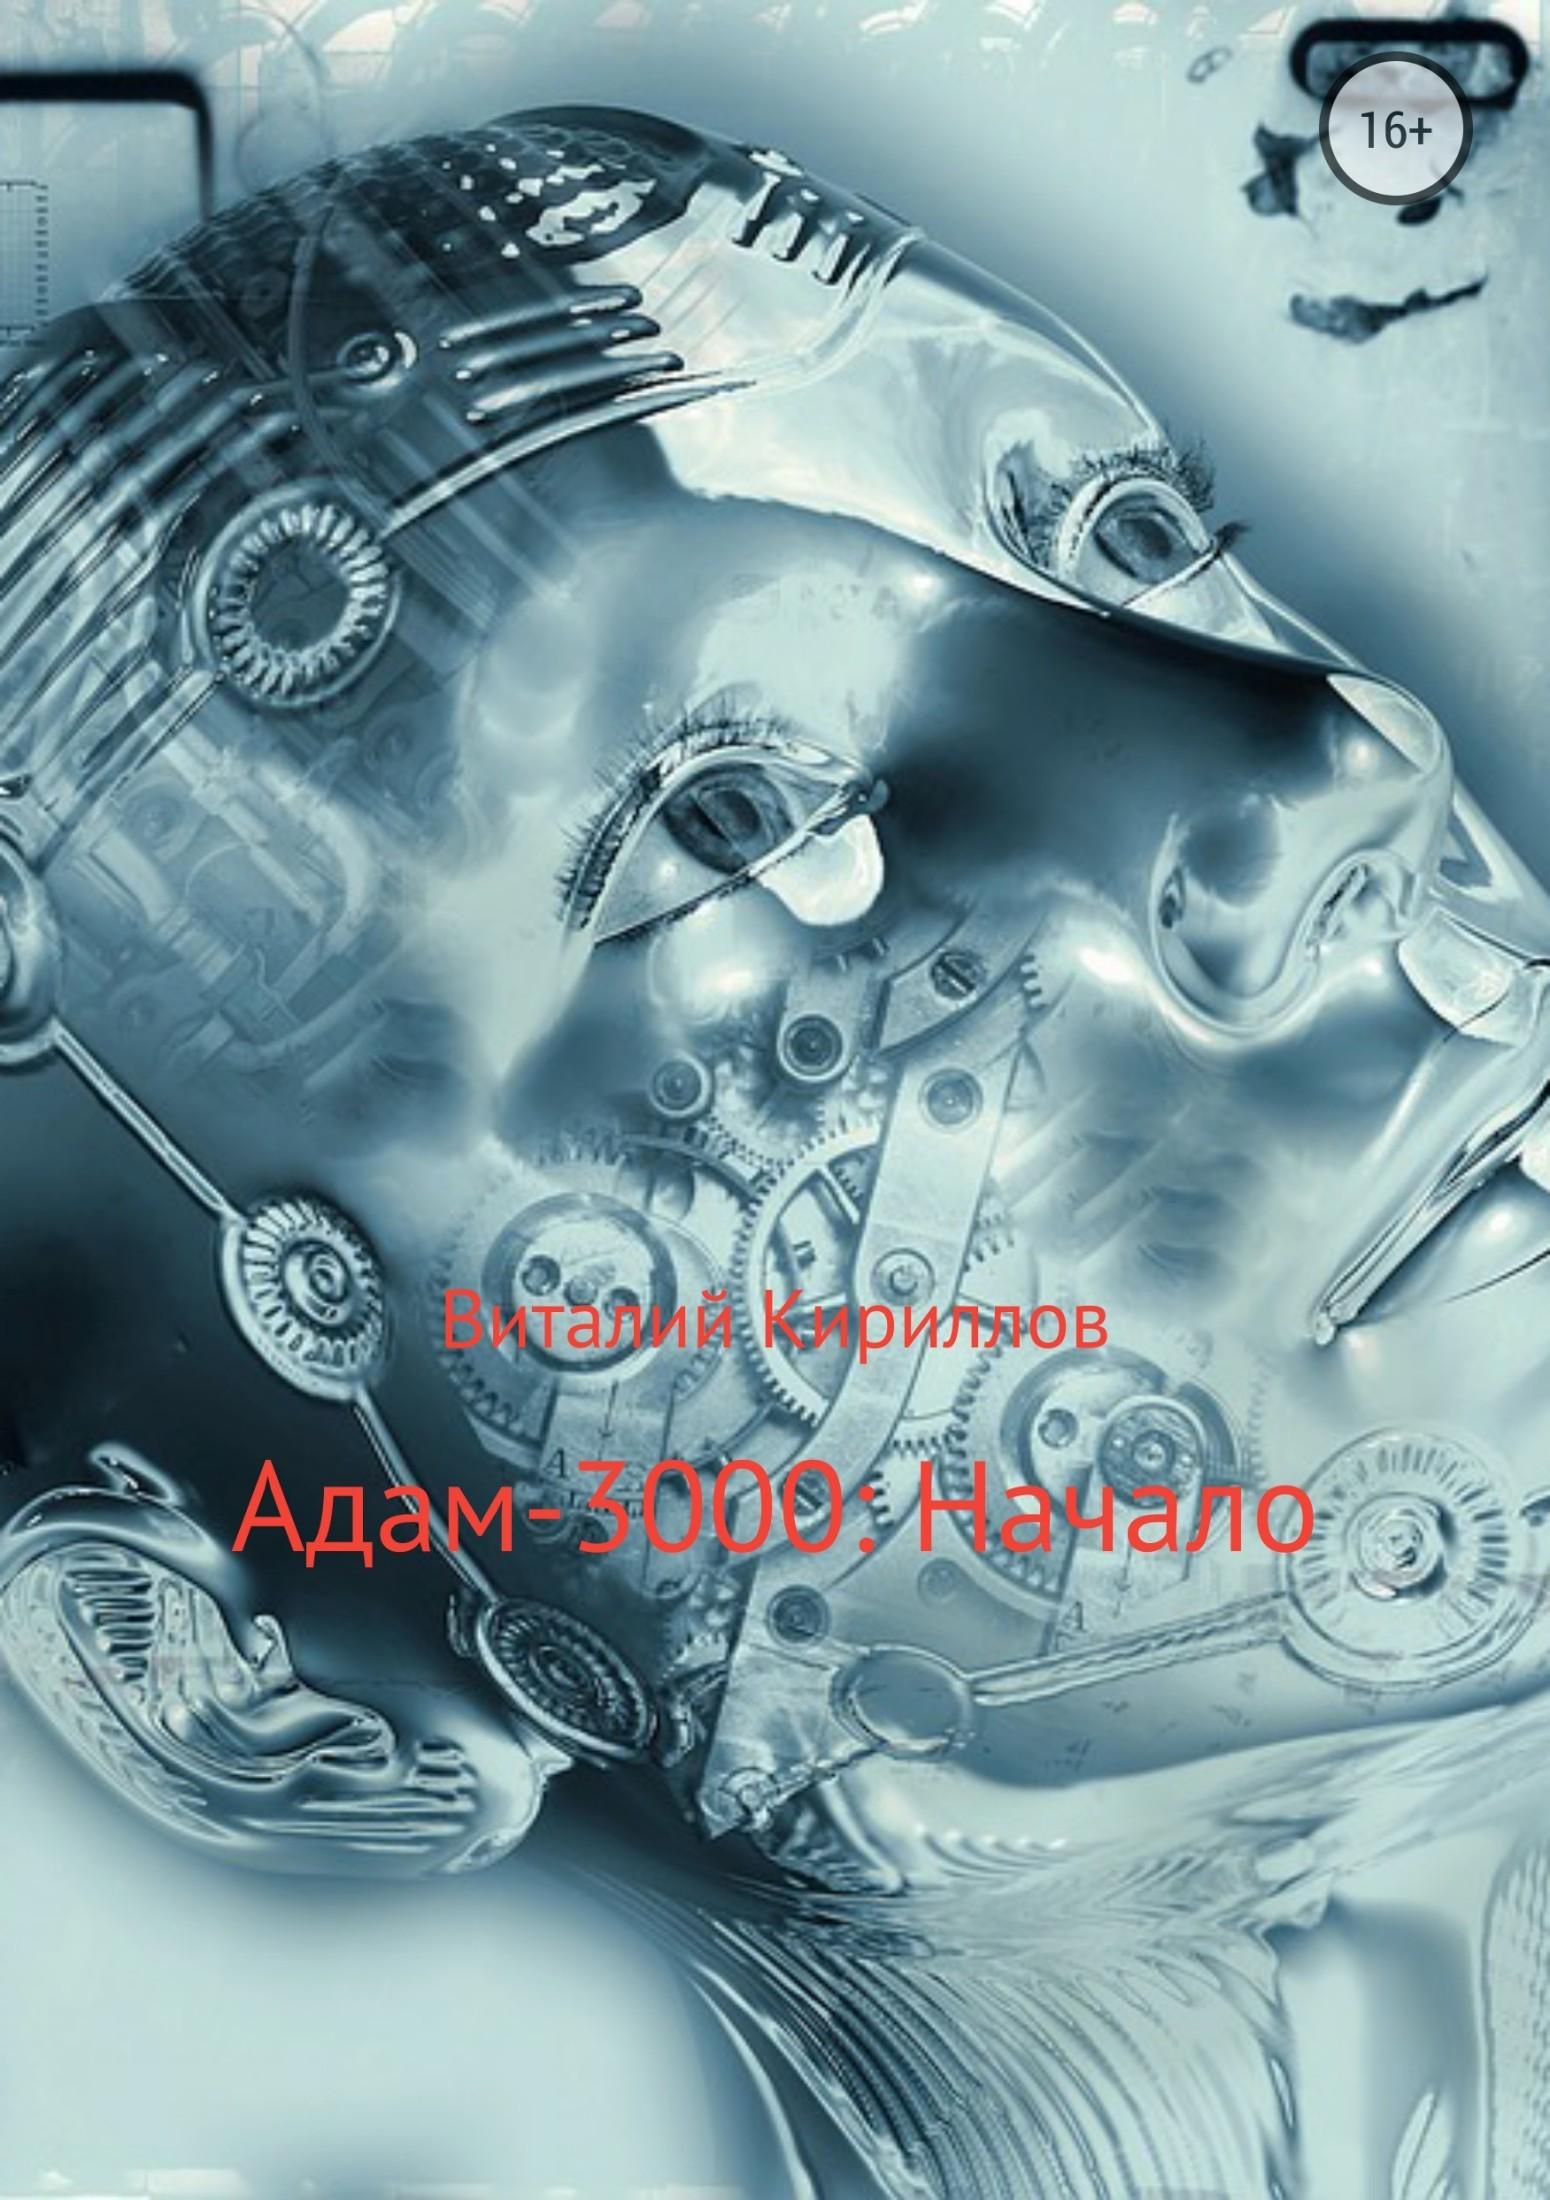 Адам-3000: